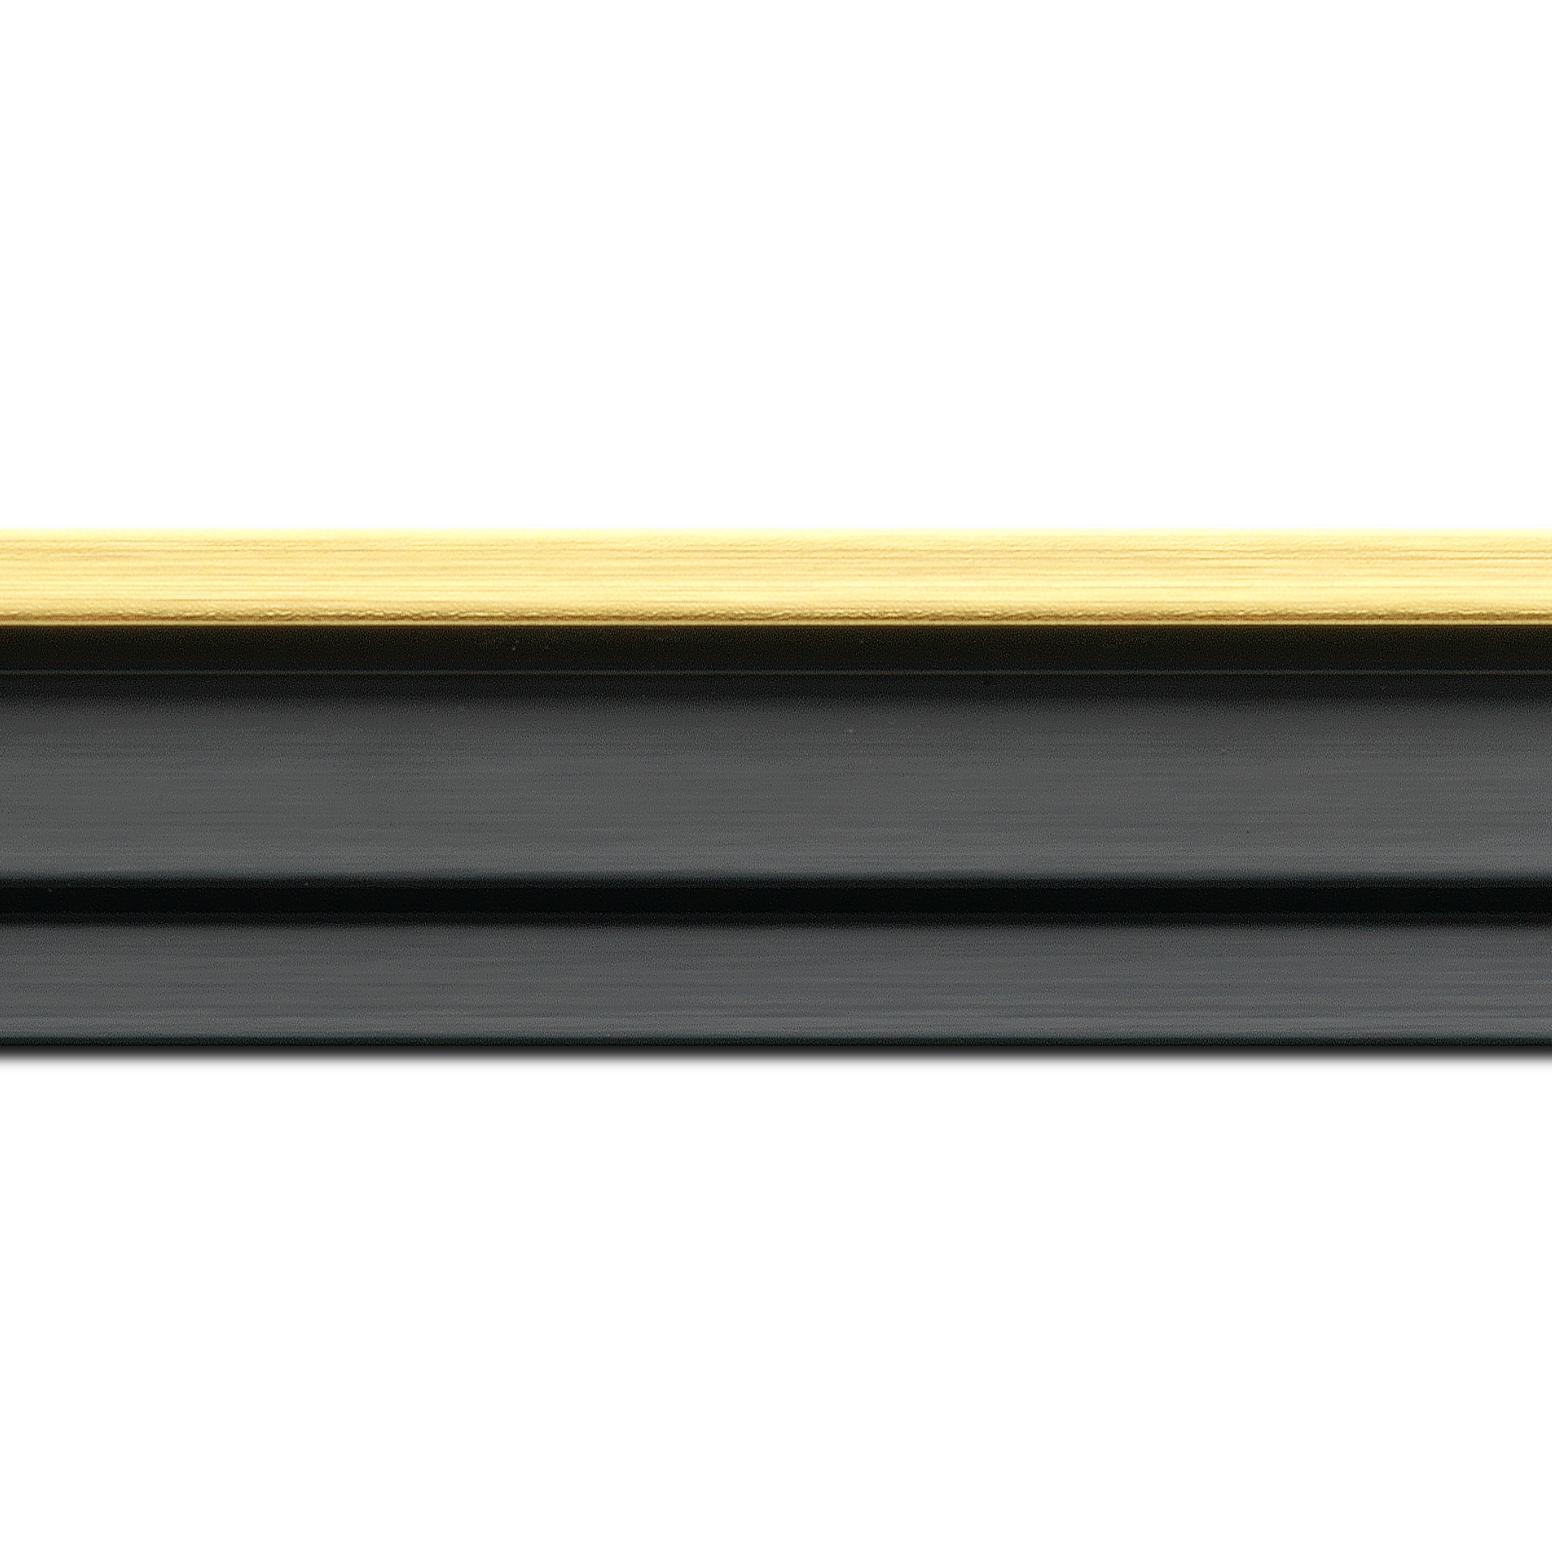 Baguette longueur 1.40m bois caisse américaine profil escalier largeur 4.5cm noir mat filet or (spécialement conçu pour les châssis d'une épaisseur jusqu'à 2.5cm )